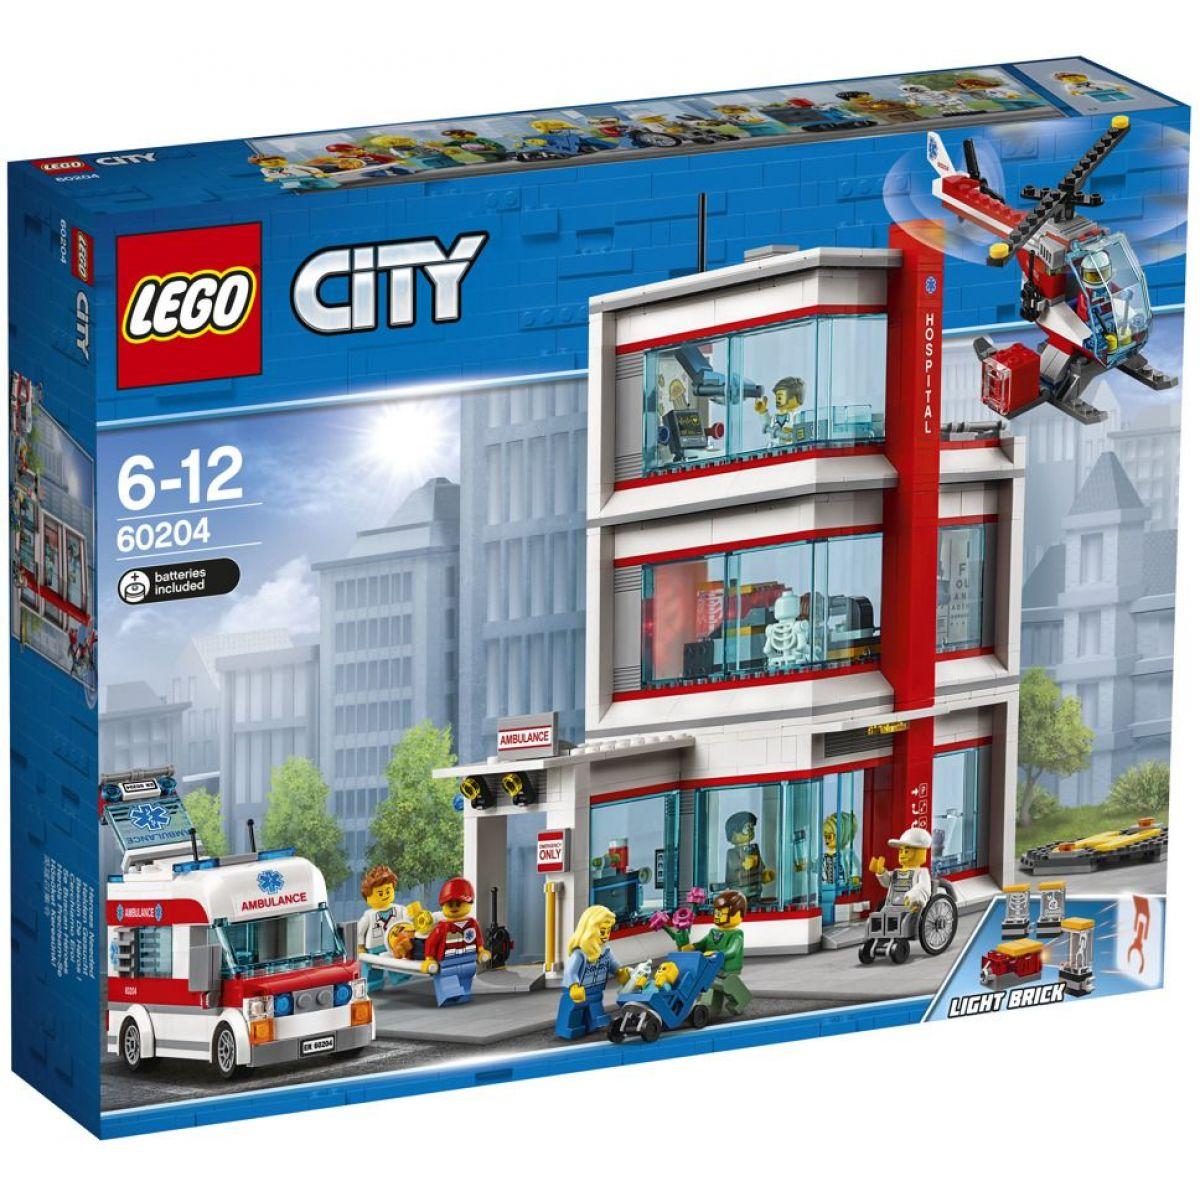 LEGO City 60204 Nemocnice - Poškozený obal